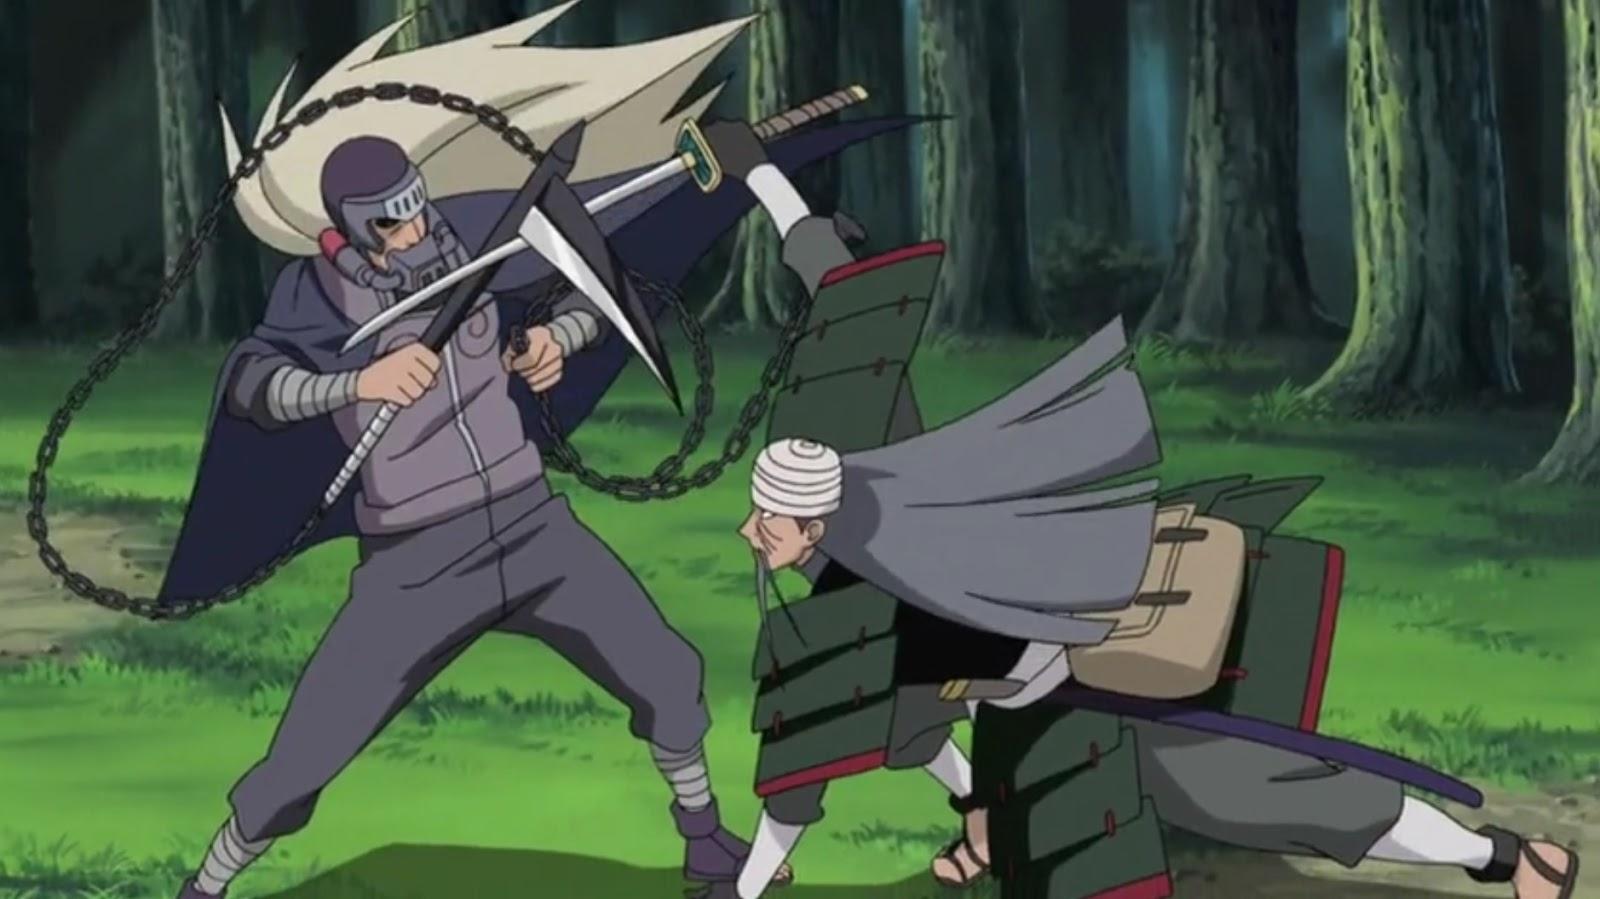 Naruto Shippuden Episódio 272, Assistir Naruto Shippuden Episódio 272, Assistir Naruto Shippuden Todos os Episódios Legendado, Naruto Shippuden episódio 272,HD